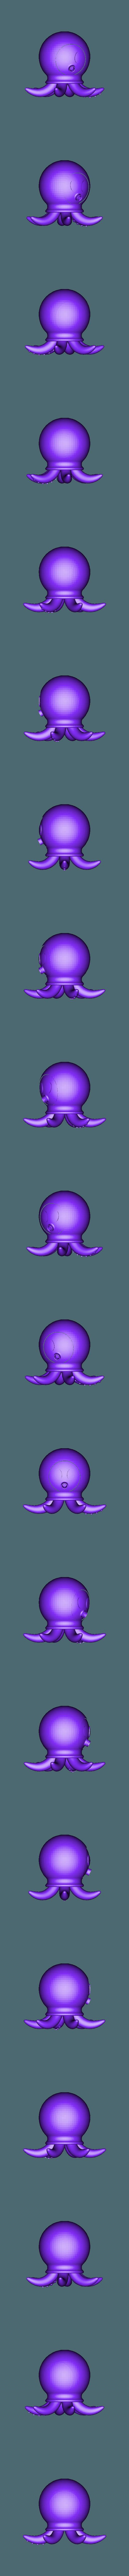 Octopus.STL Télécharger fichier STL gratuit Poulpe • Design pour imprimante 3D, saraguo000